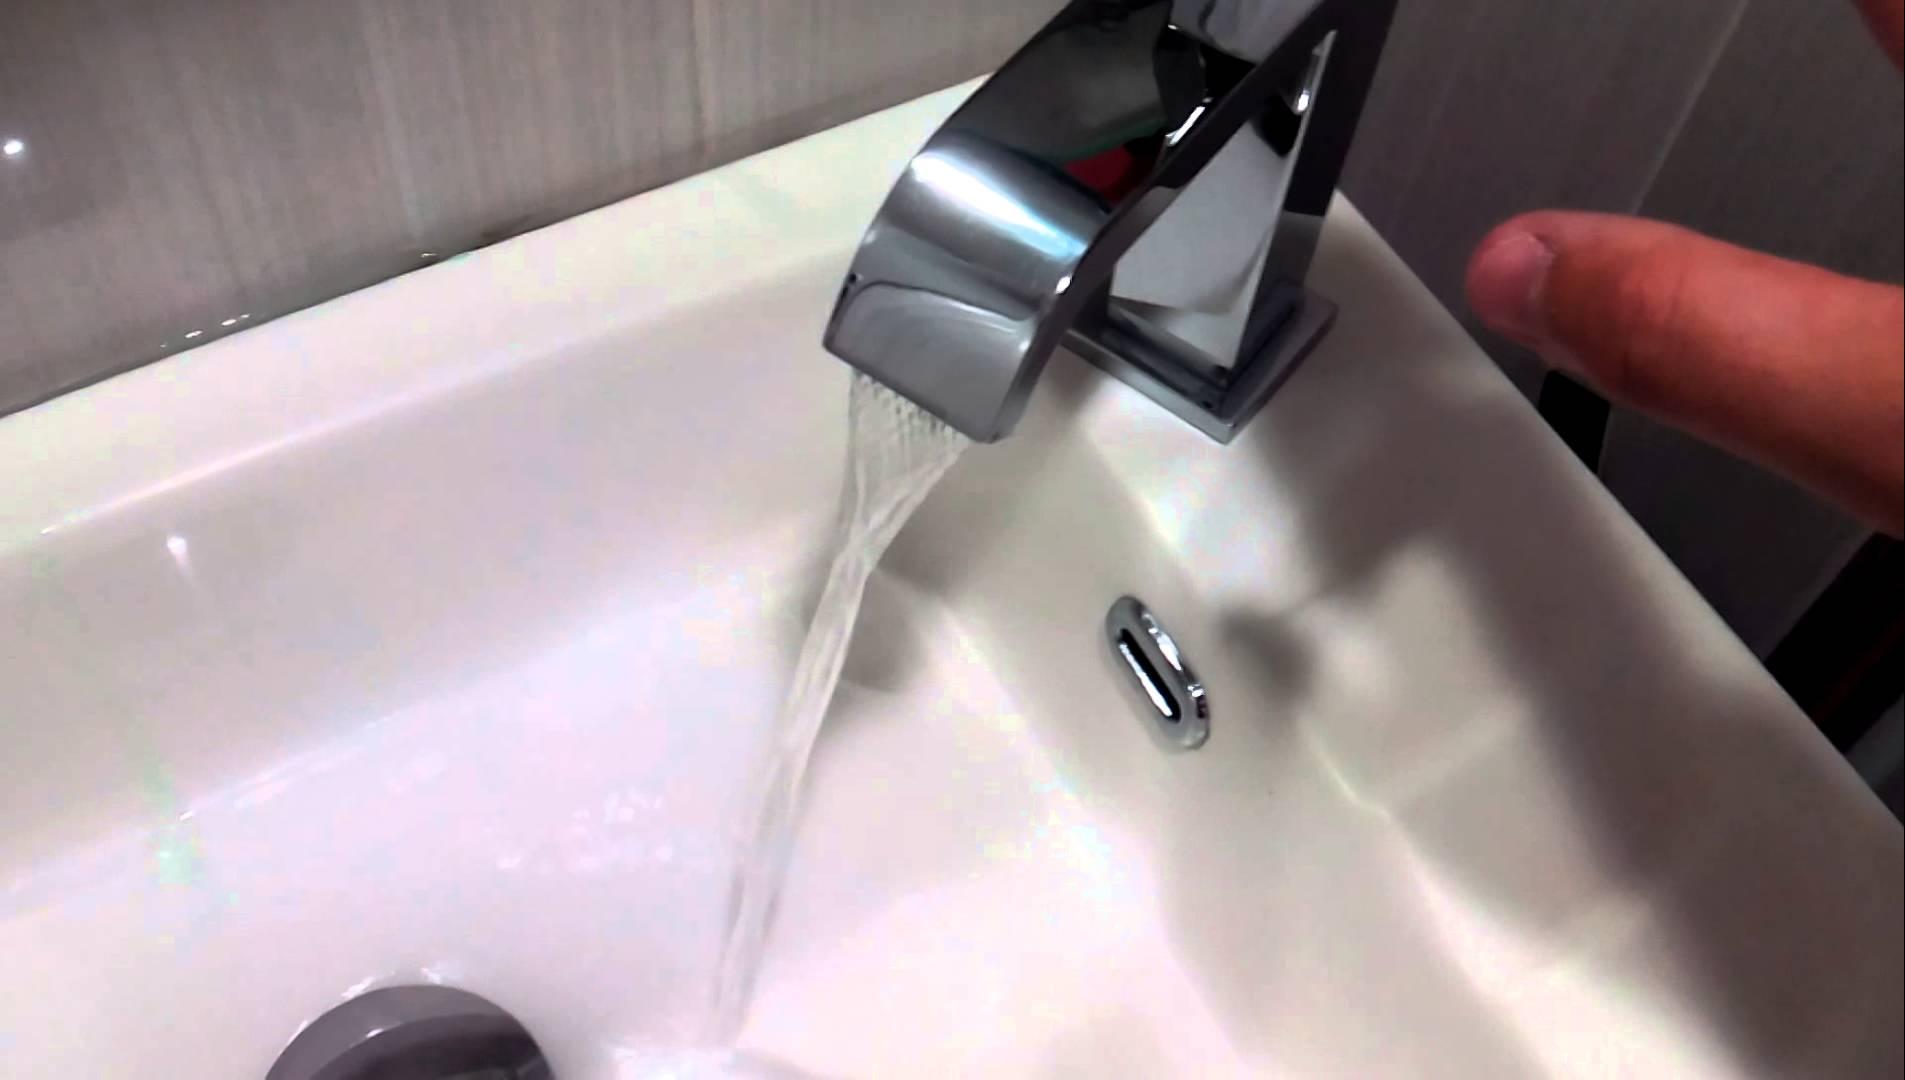 Dconfianza revisi n de presi n de agua dconfianza for Poca presion de agua